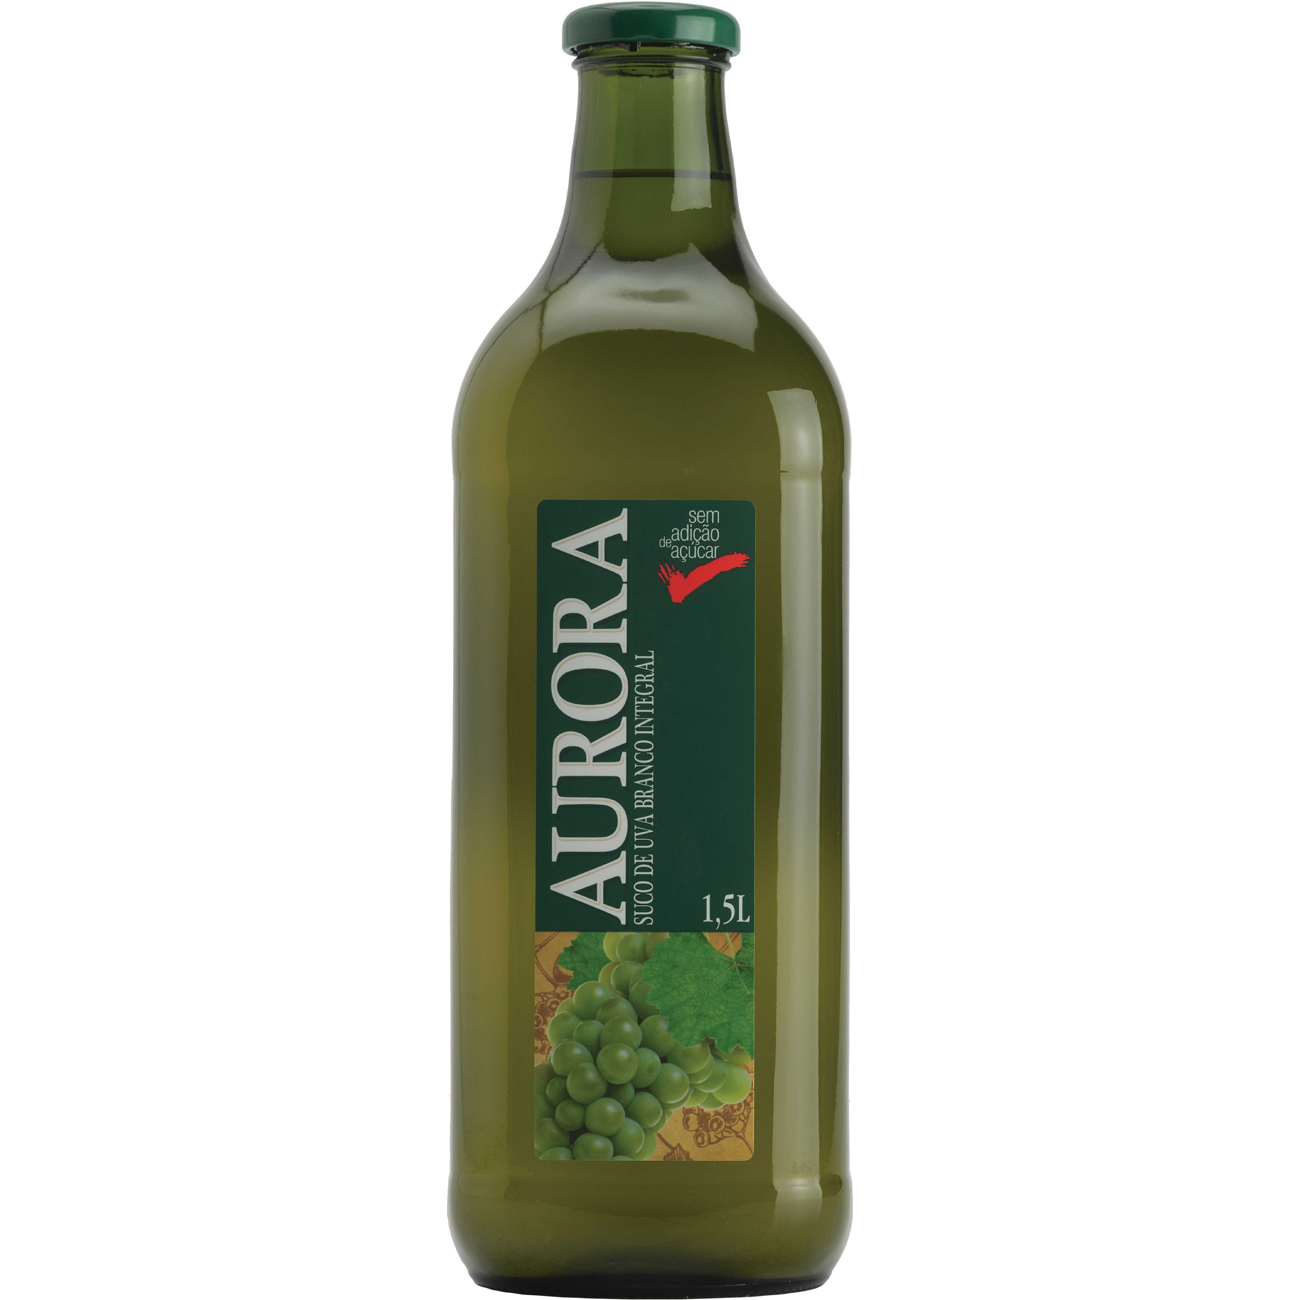 Suco de Uva Aurora 1,5L Integbco